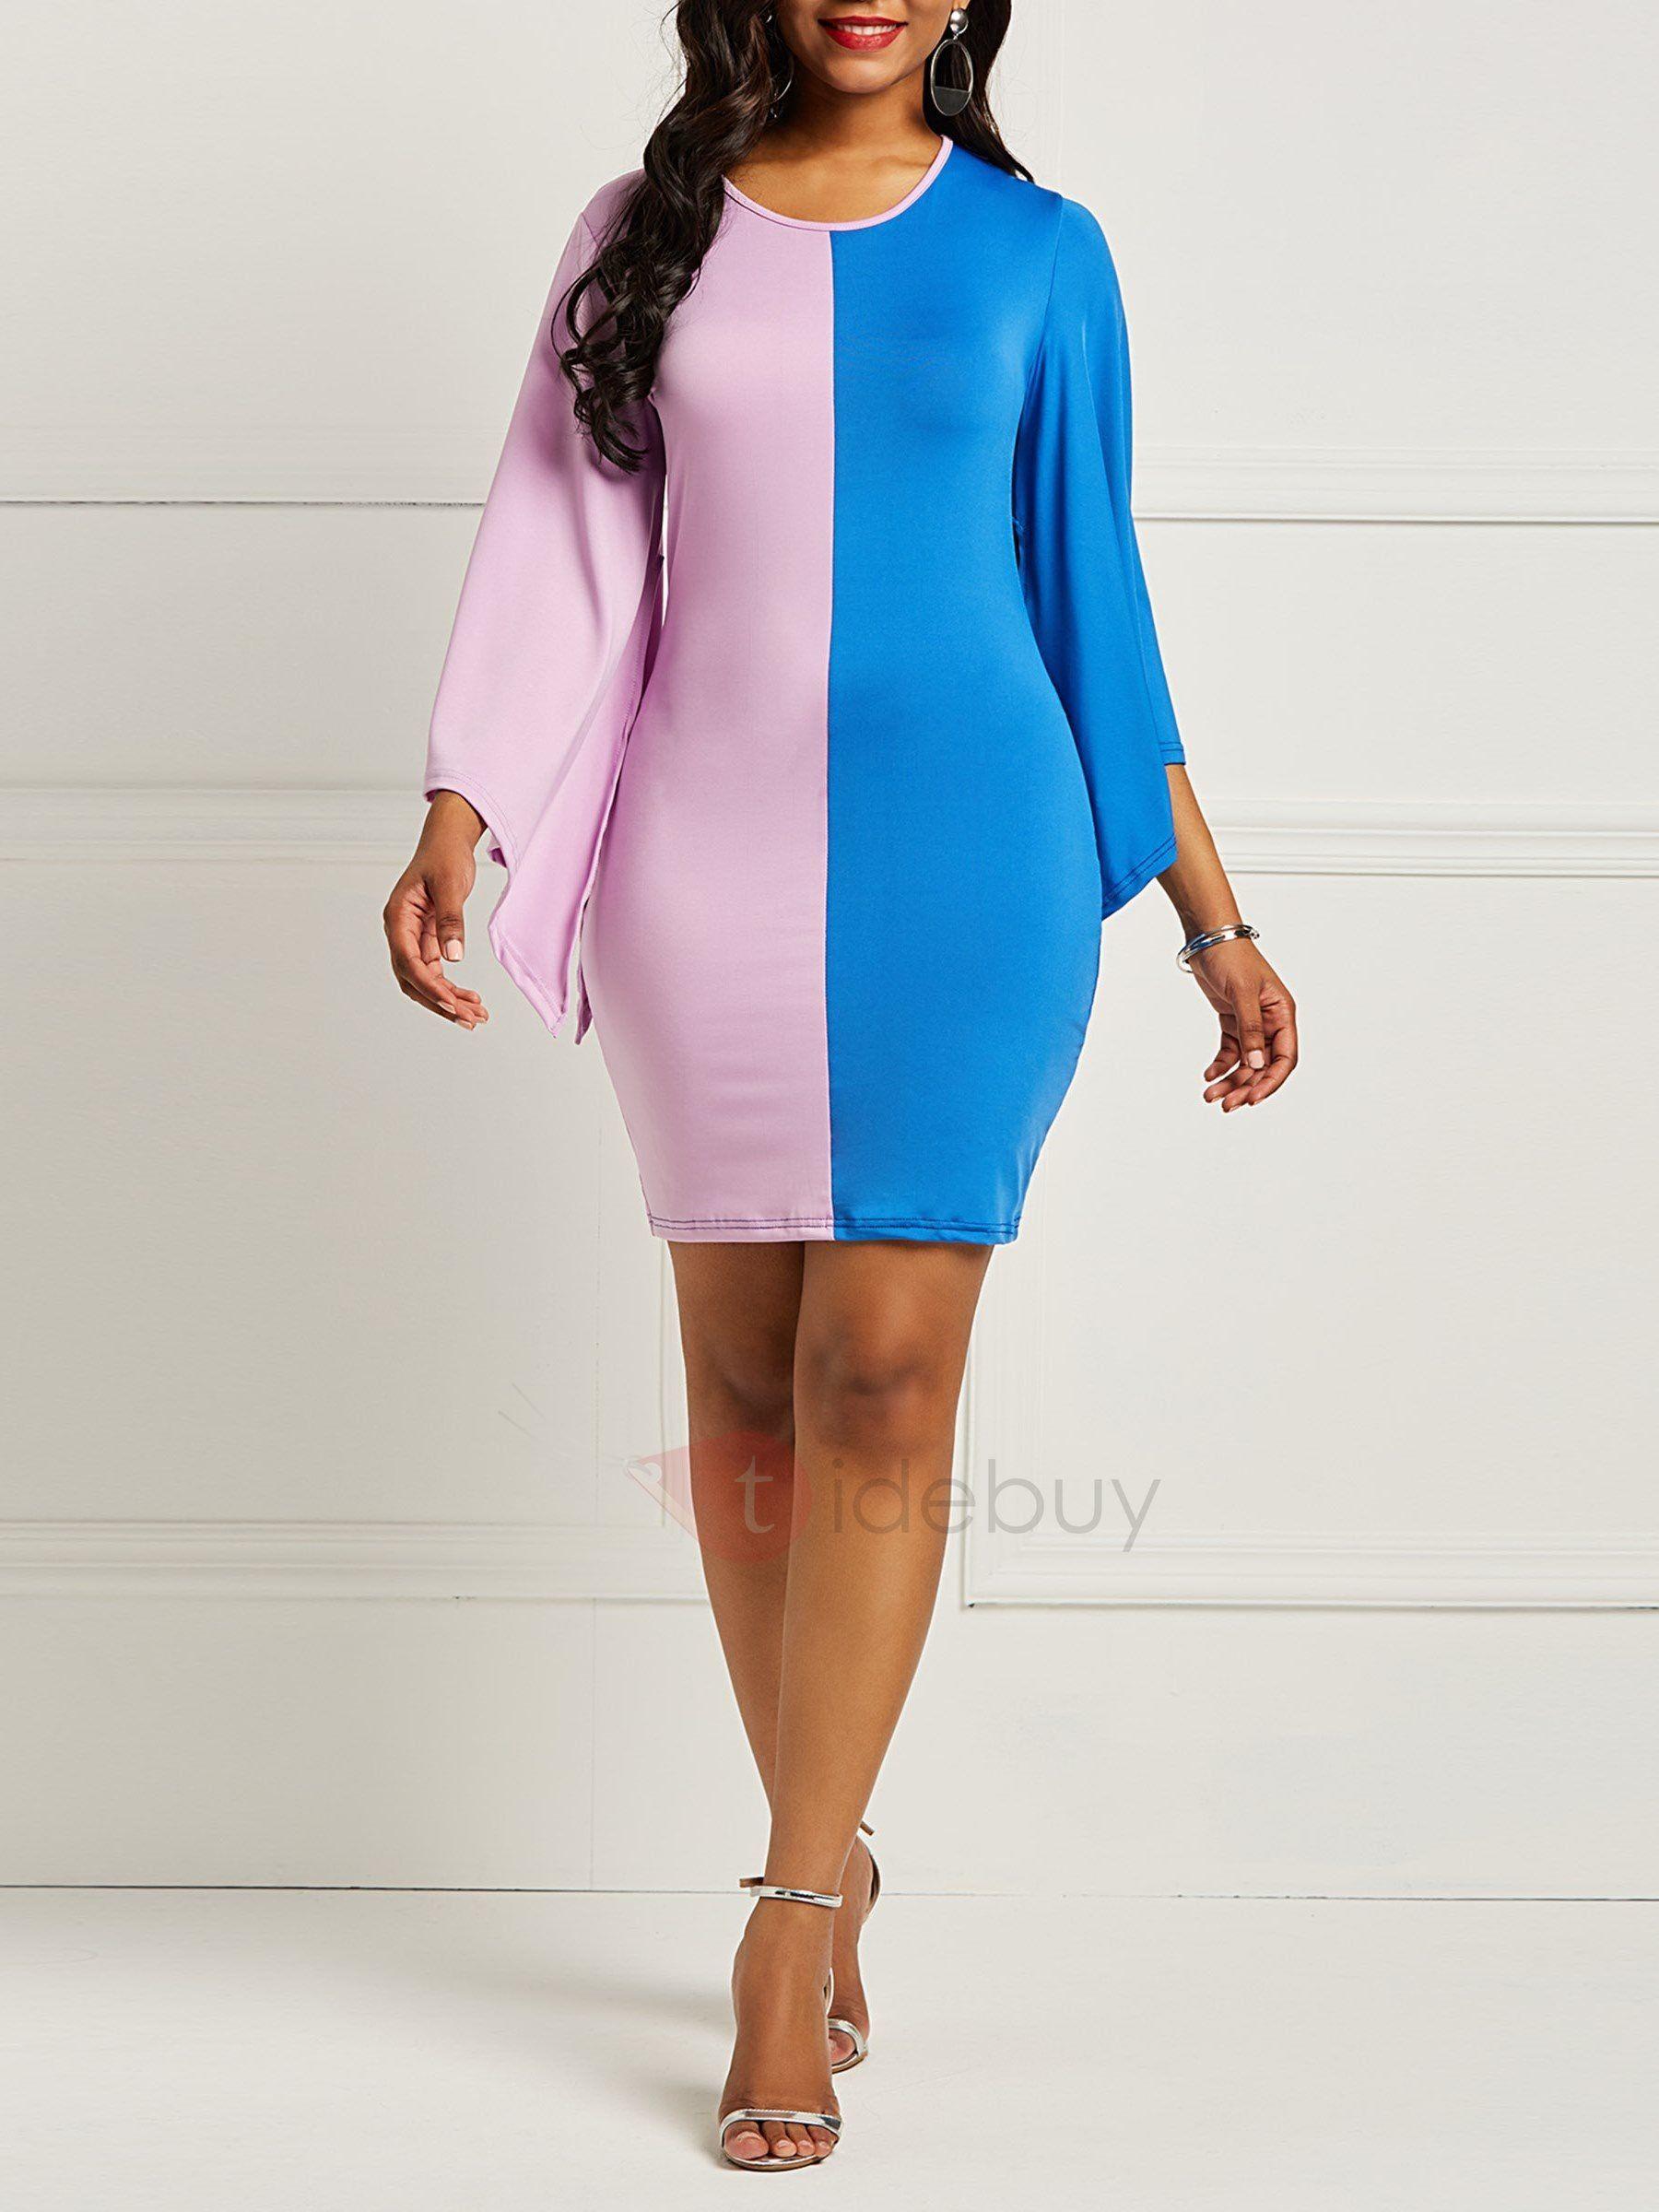 1a6d30ea400 Color Block Pencil Sexy Women s Bodycon Dress